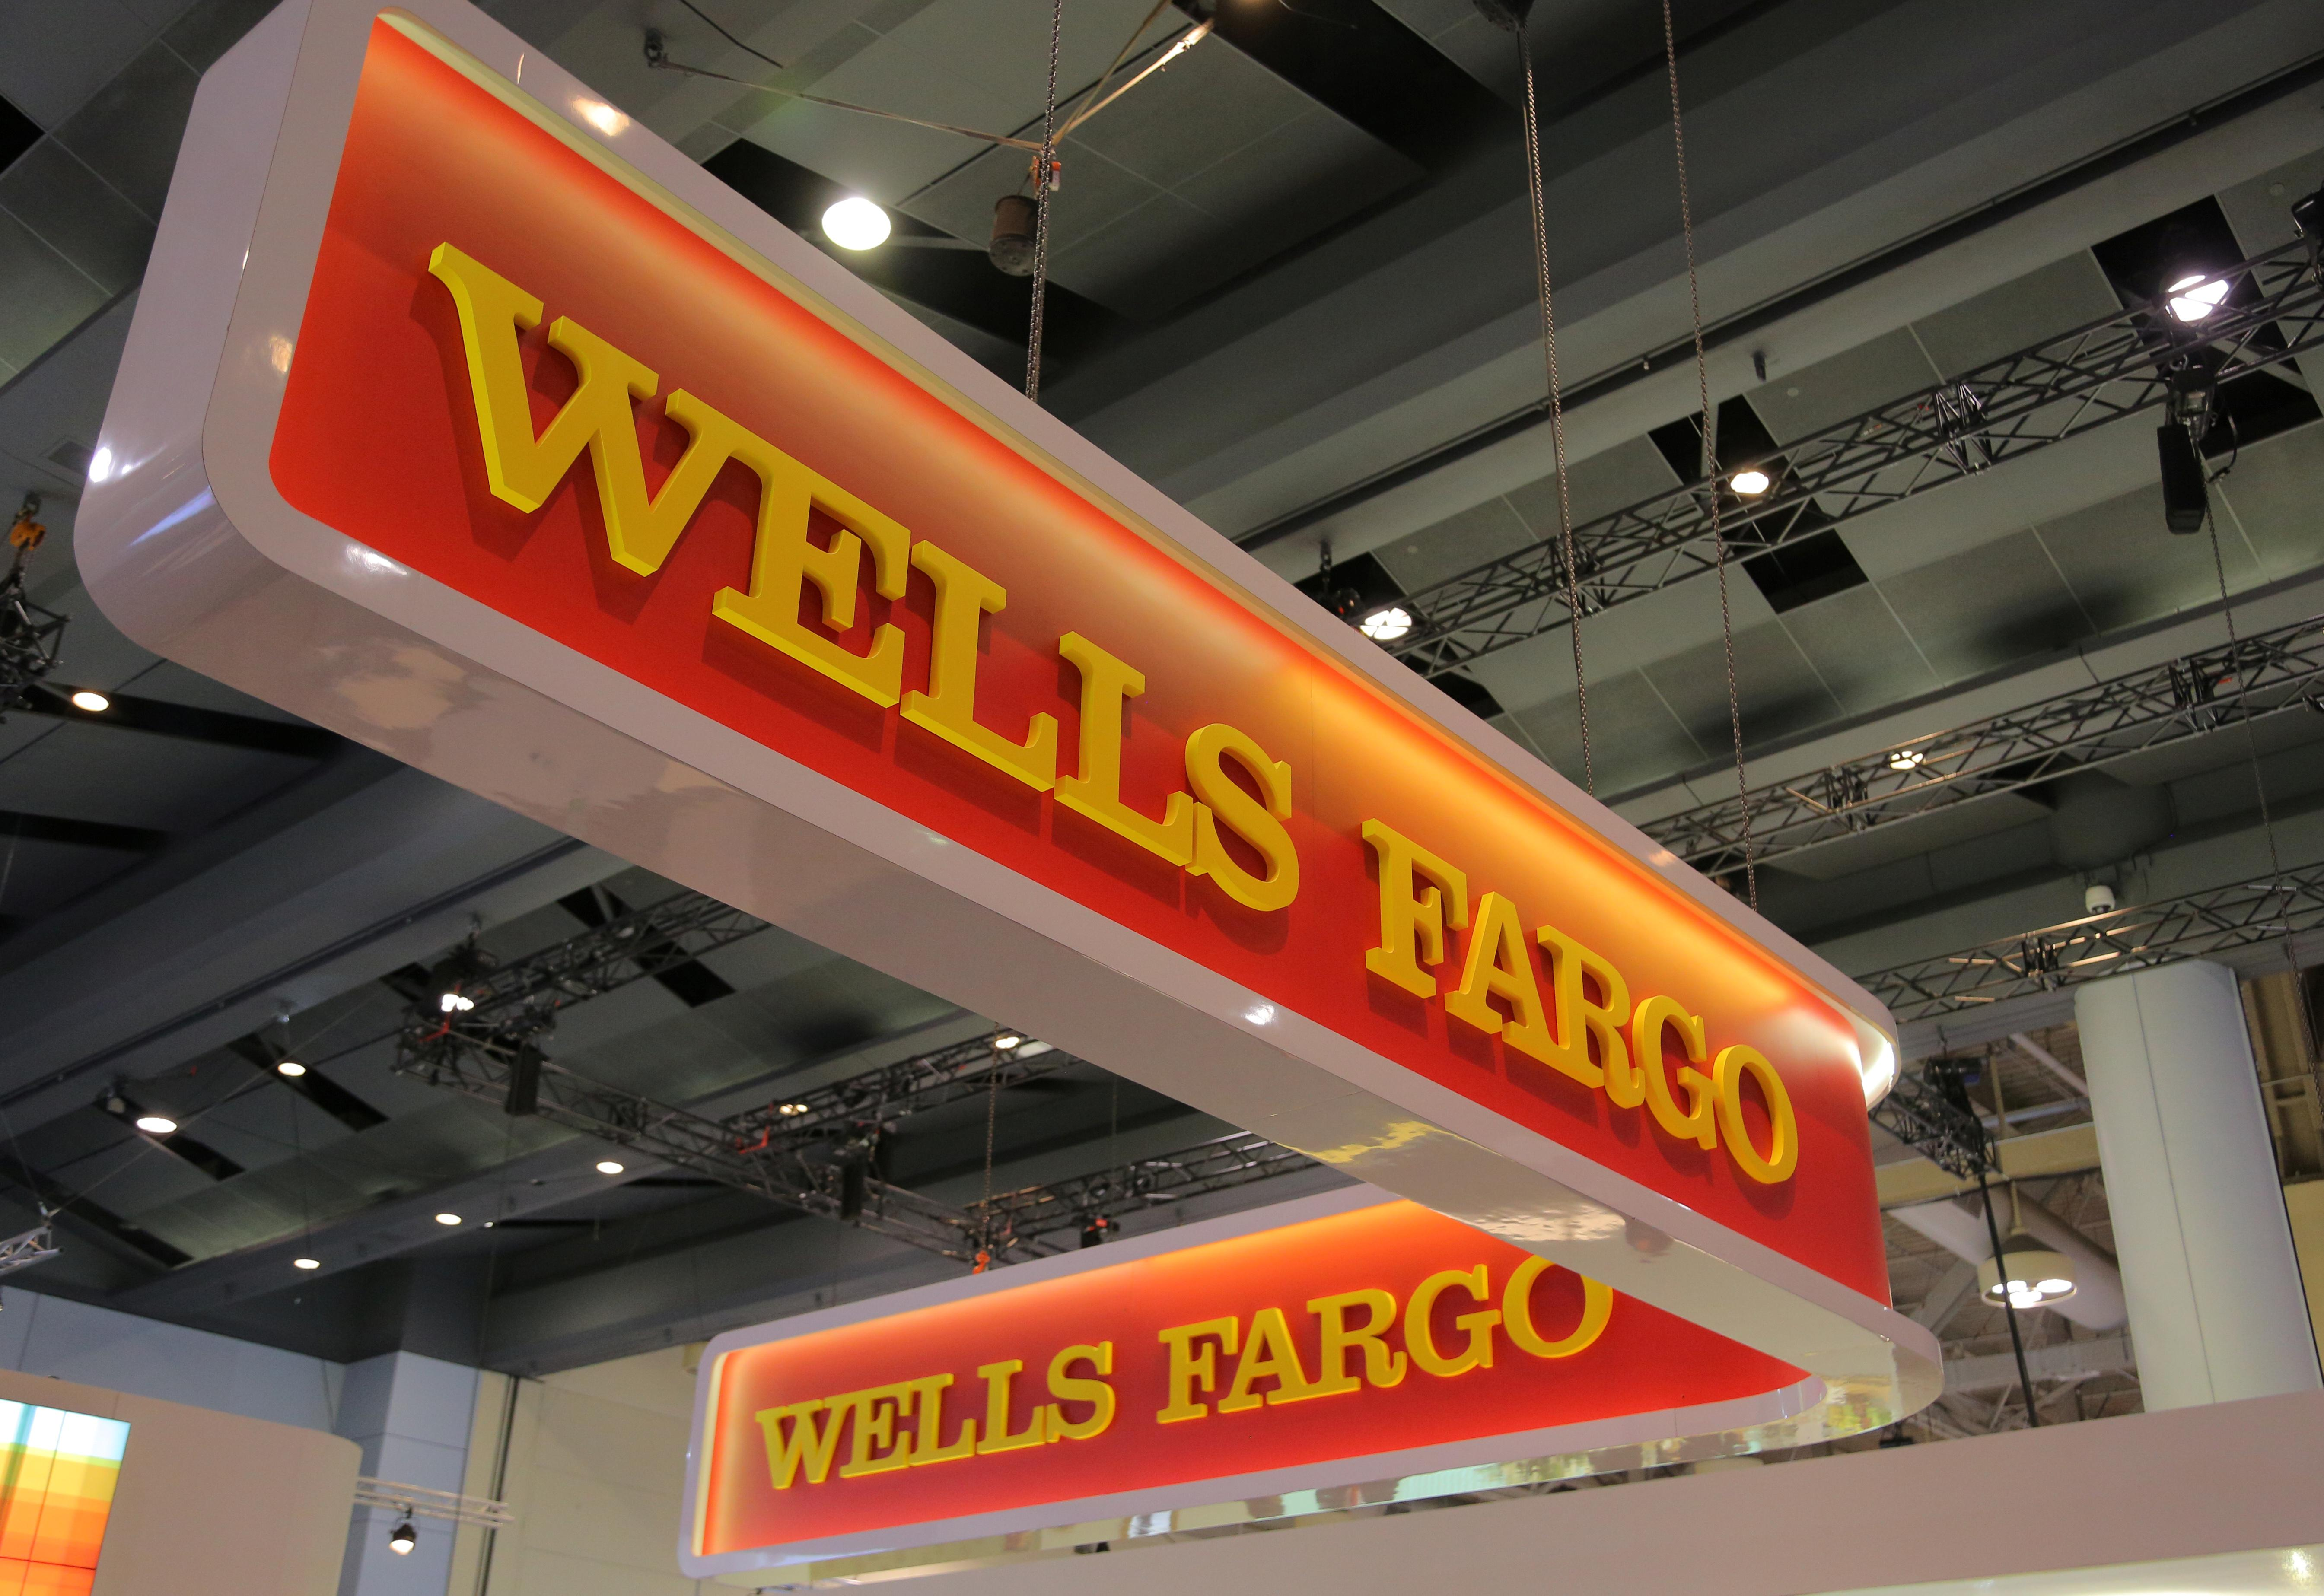 Wells Fargo's corporate bank struggles to regain footing